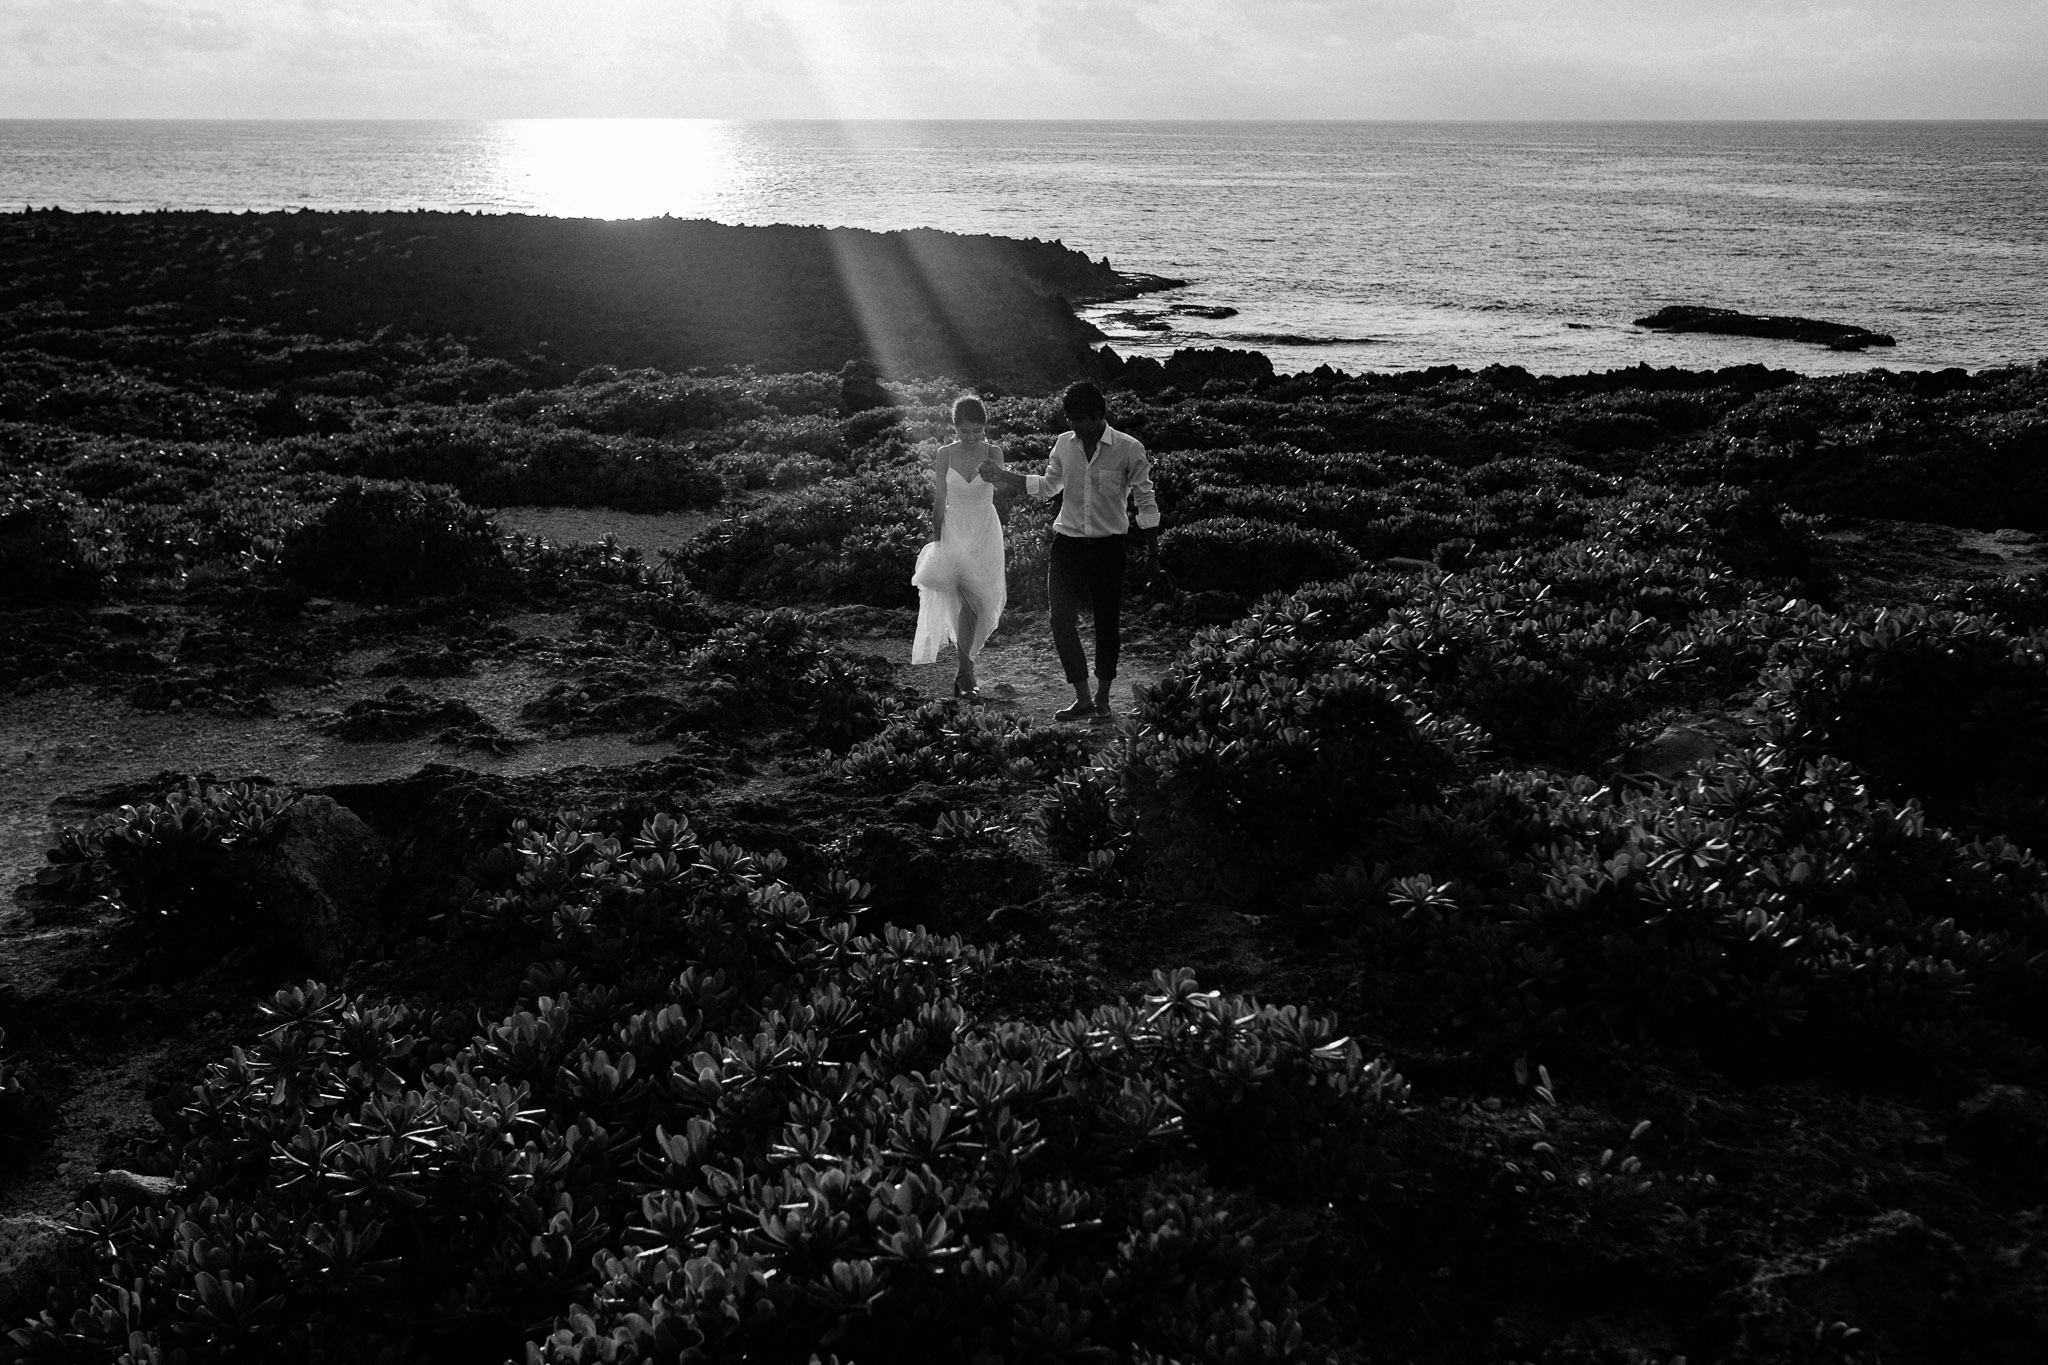 カメラ:X-T2 レンズ:XF23mm f1.4 感度:ISO200 絞り:f2.8 シャッタースピード:1/400 逆光で太陽が画面上部にくると、写真のようなフレアが入るのが特徴。